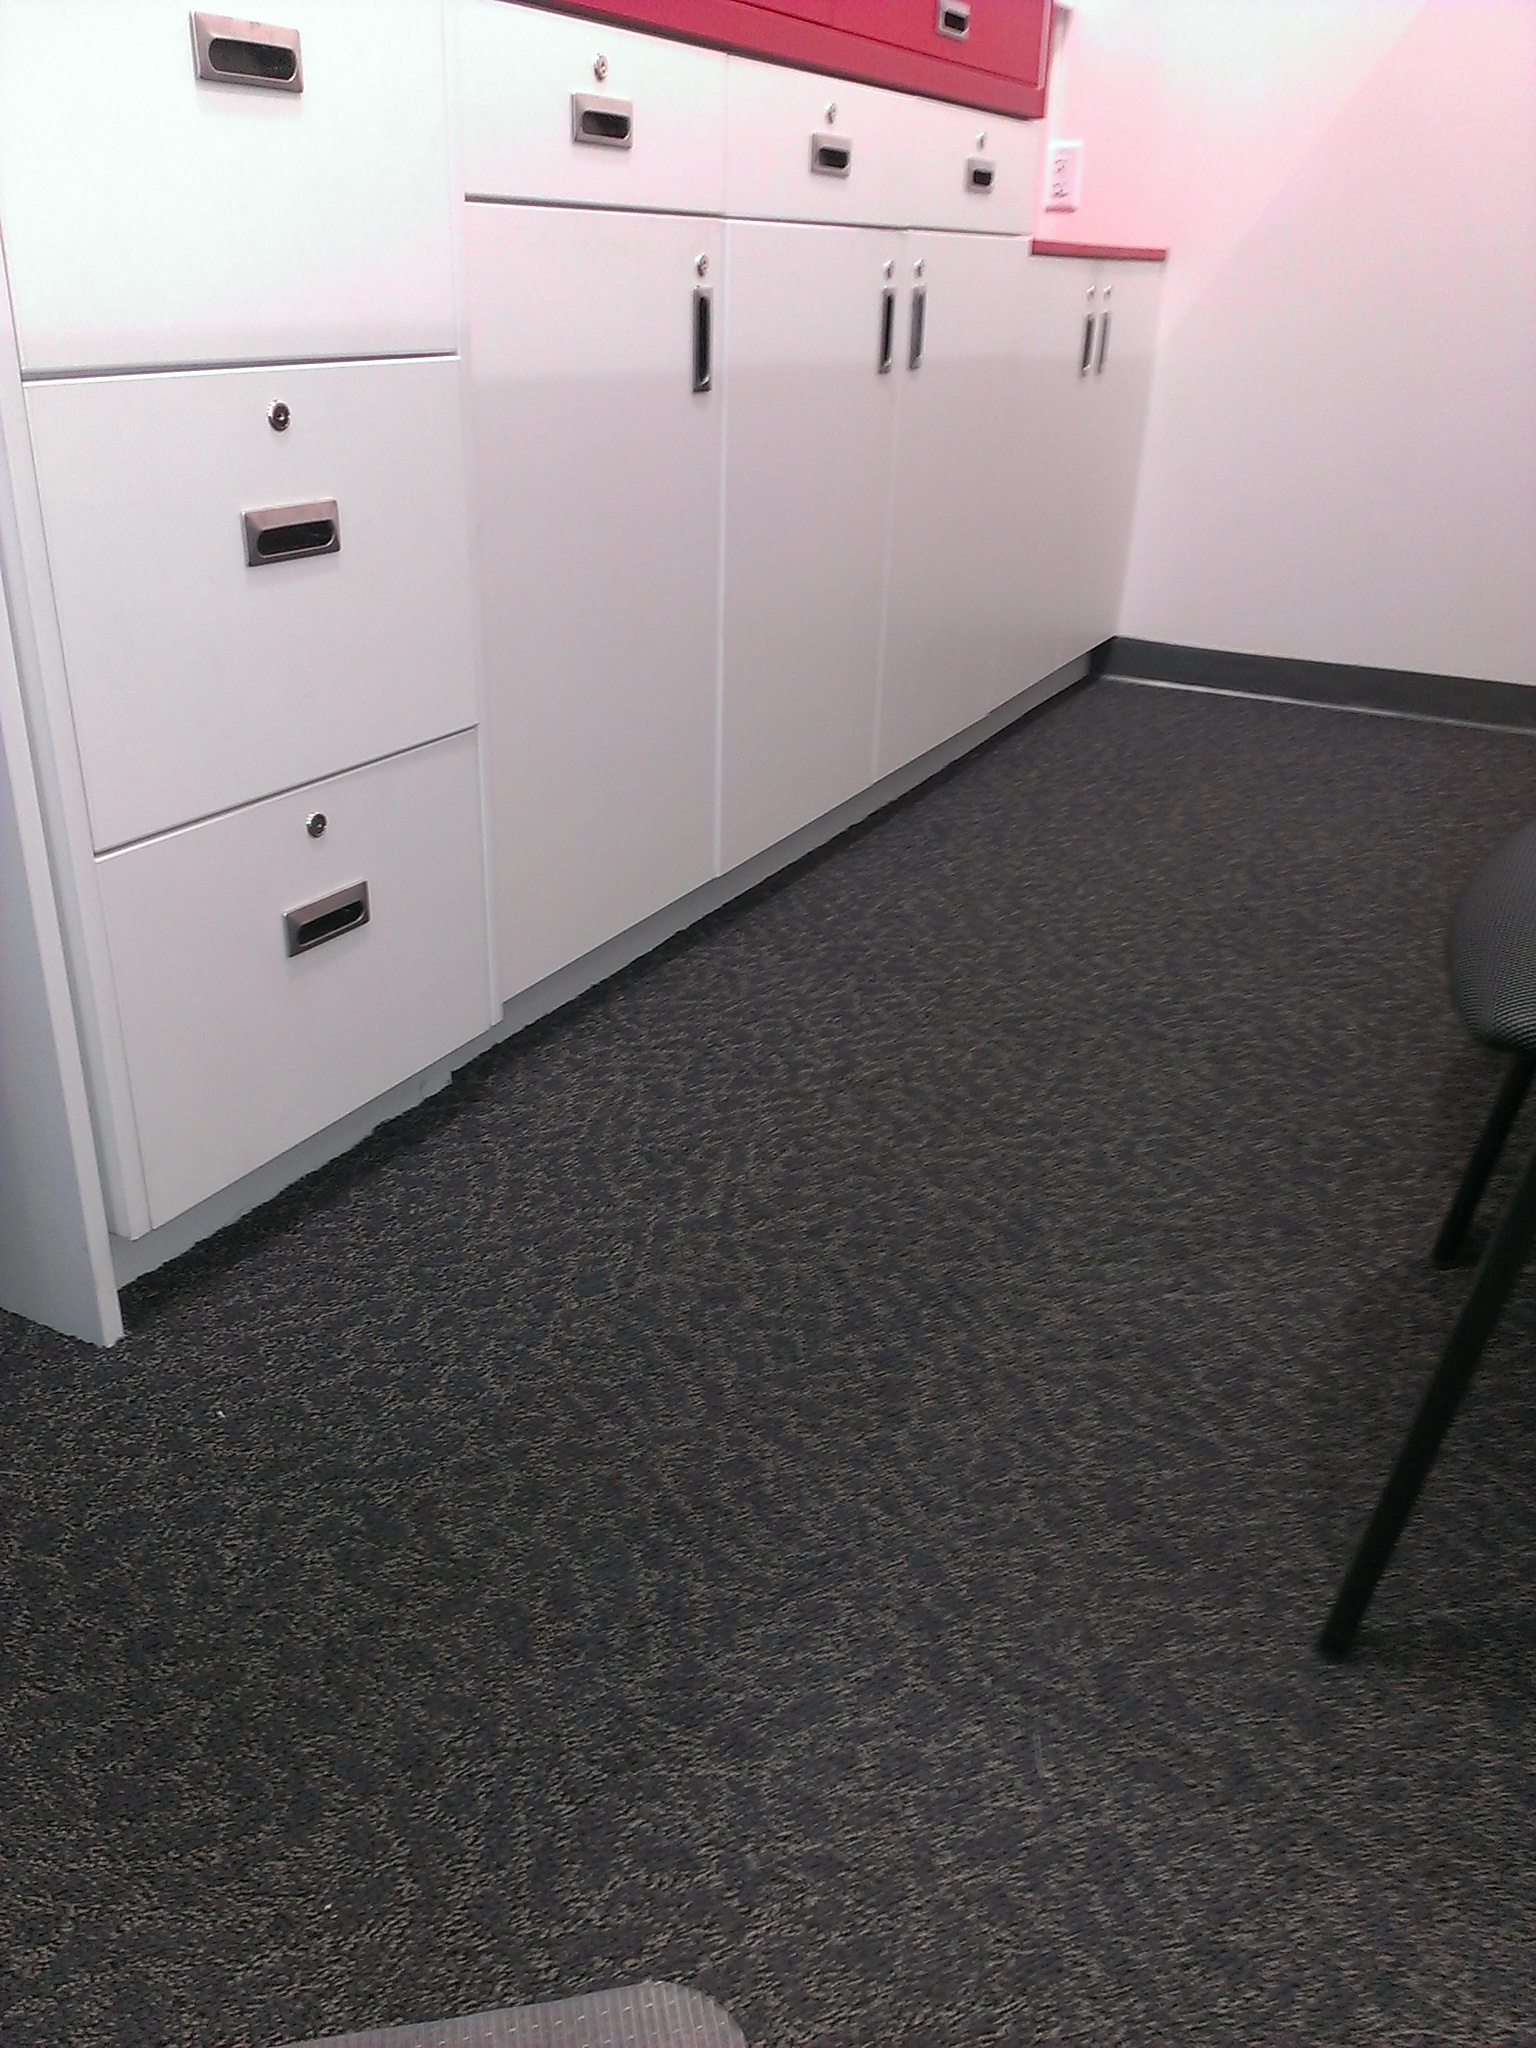 Costco-Hearing Center Remodel